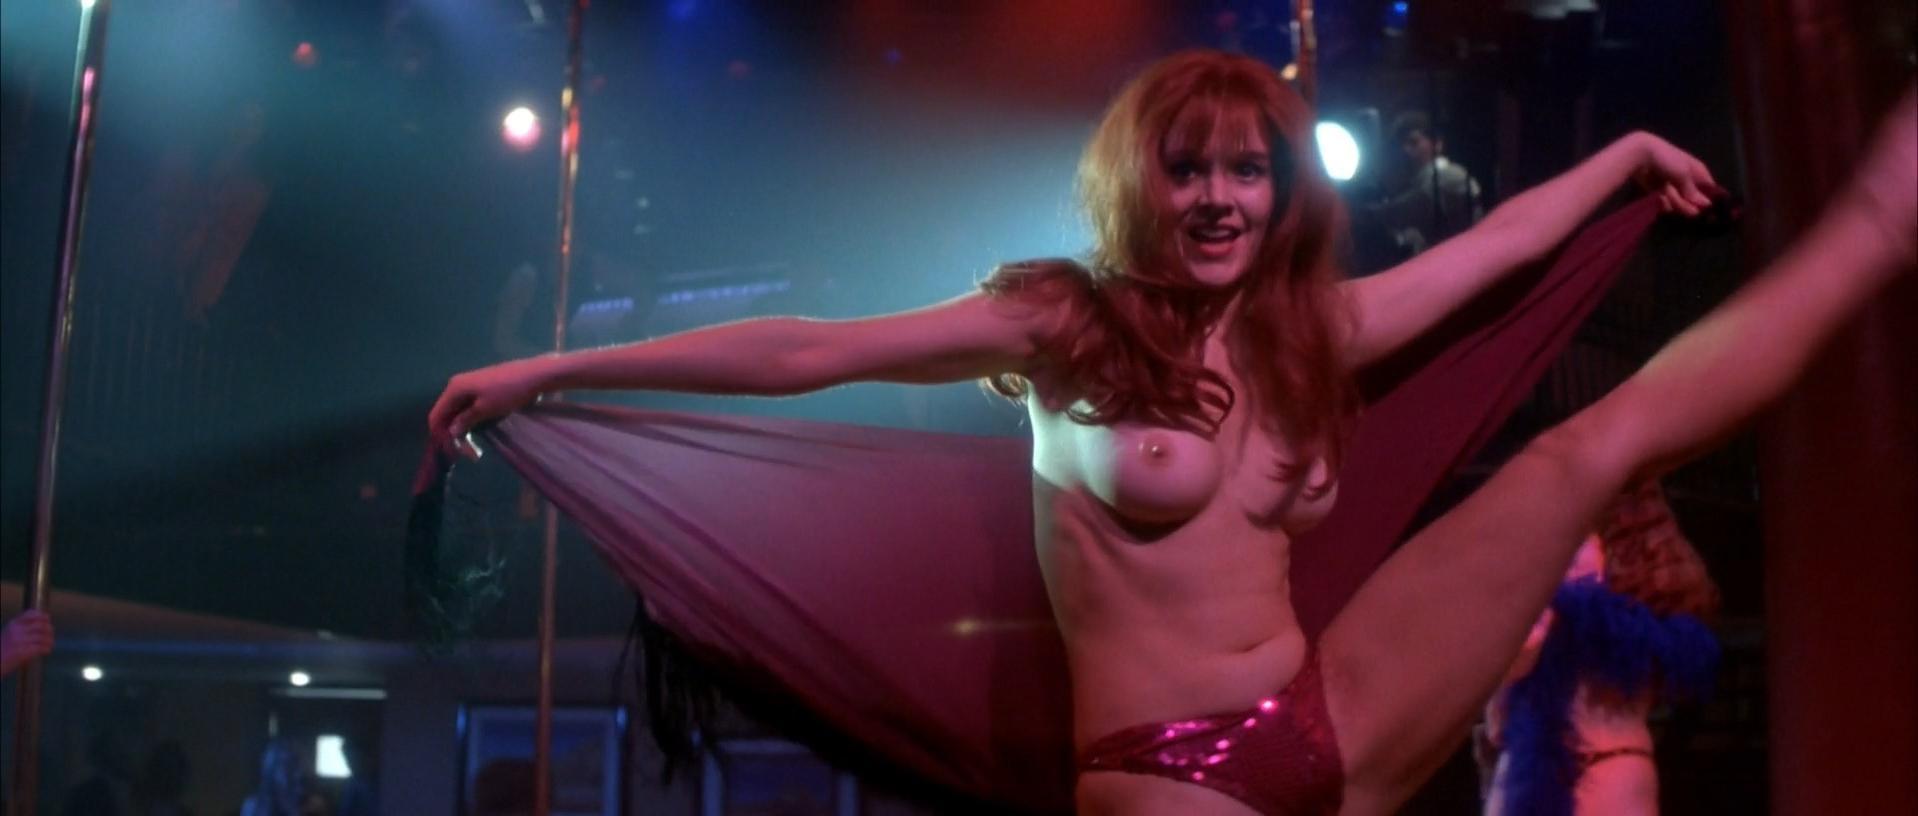 Erotic spanking clip